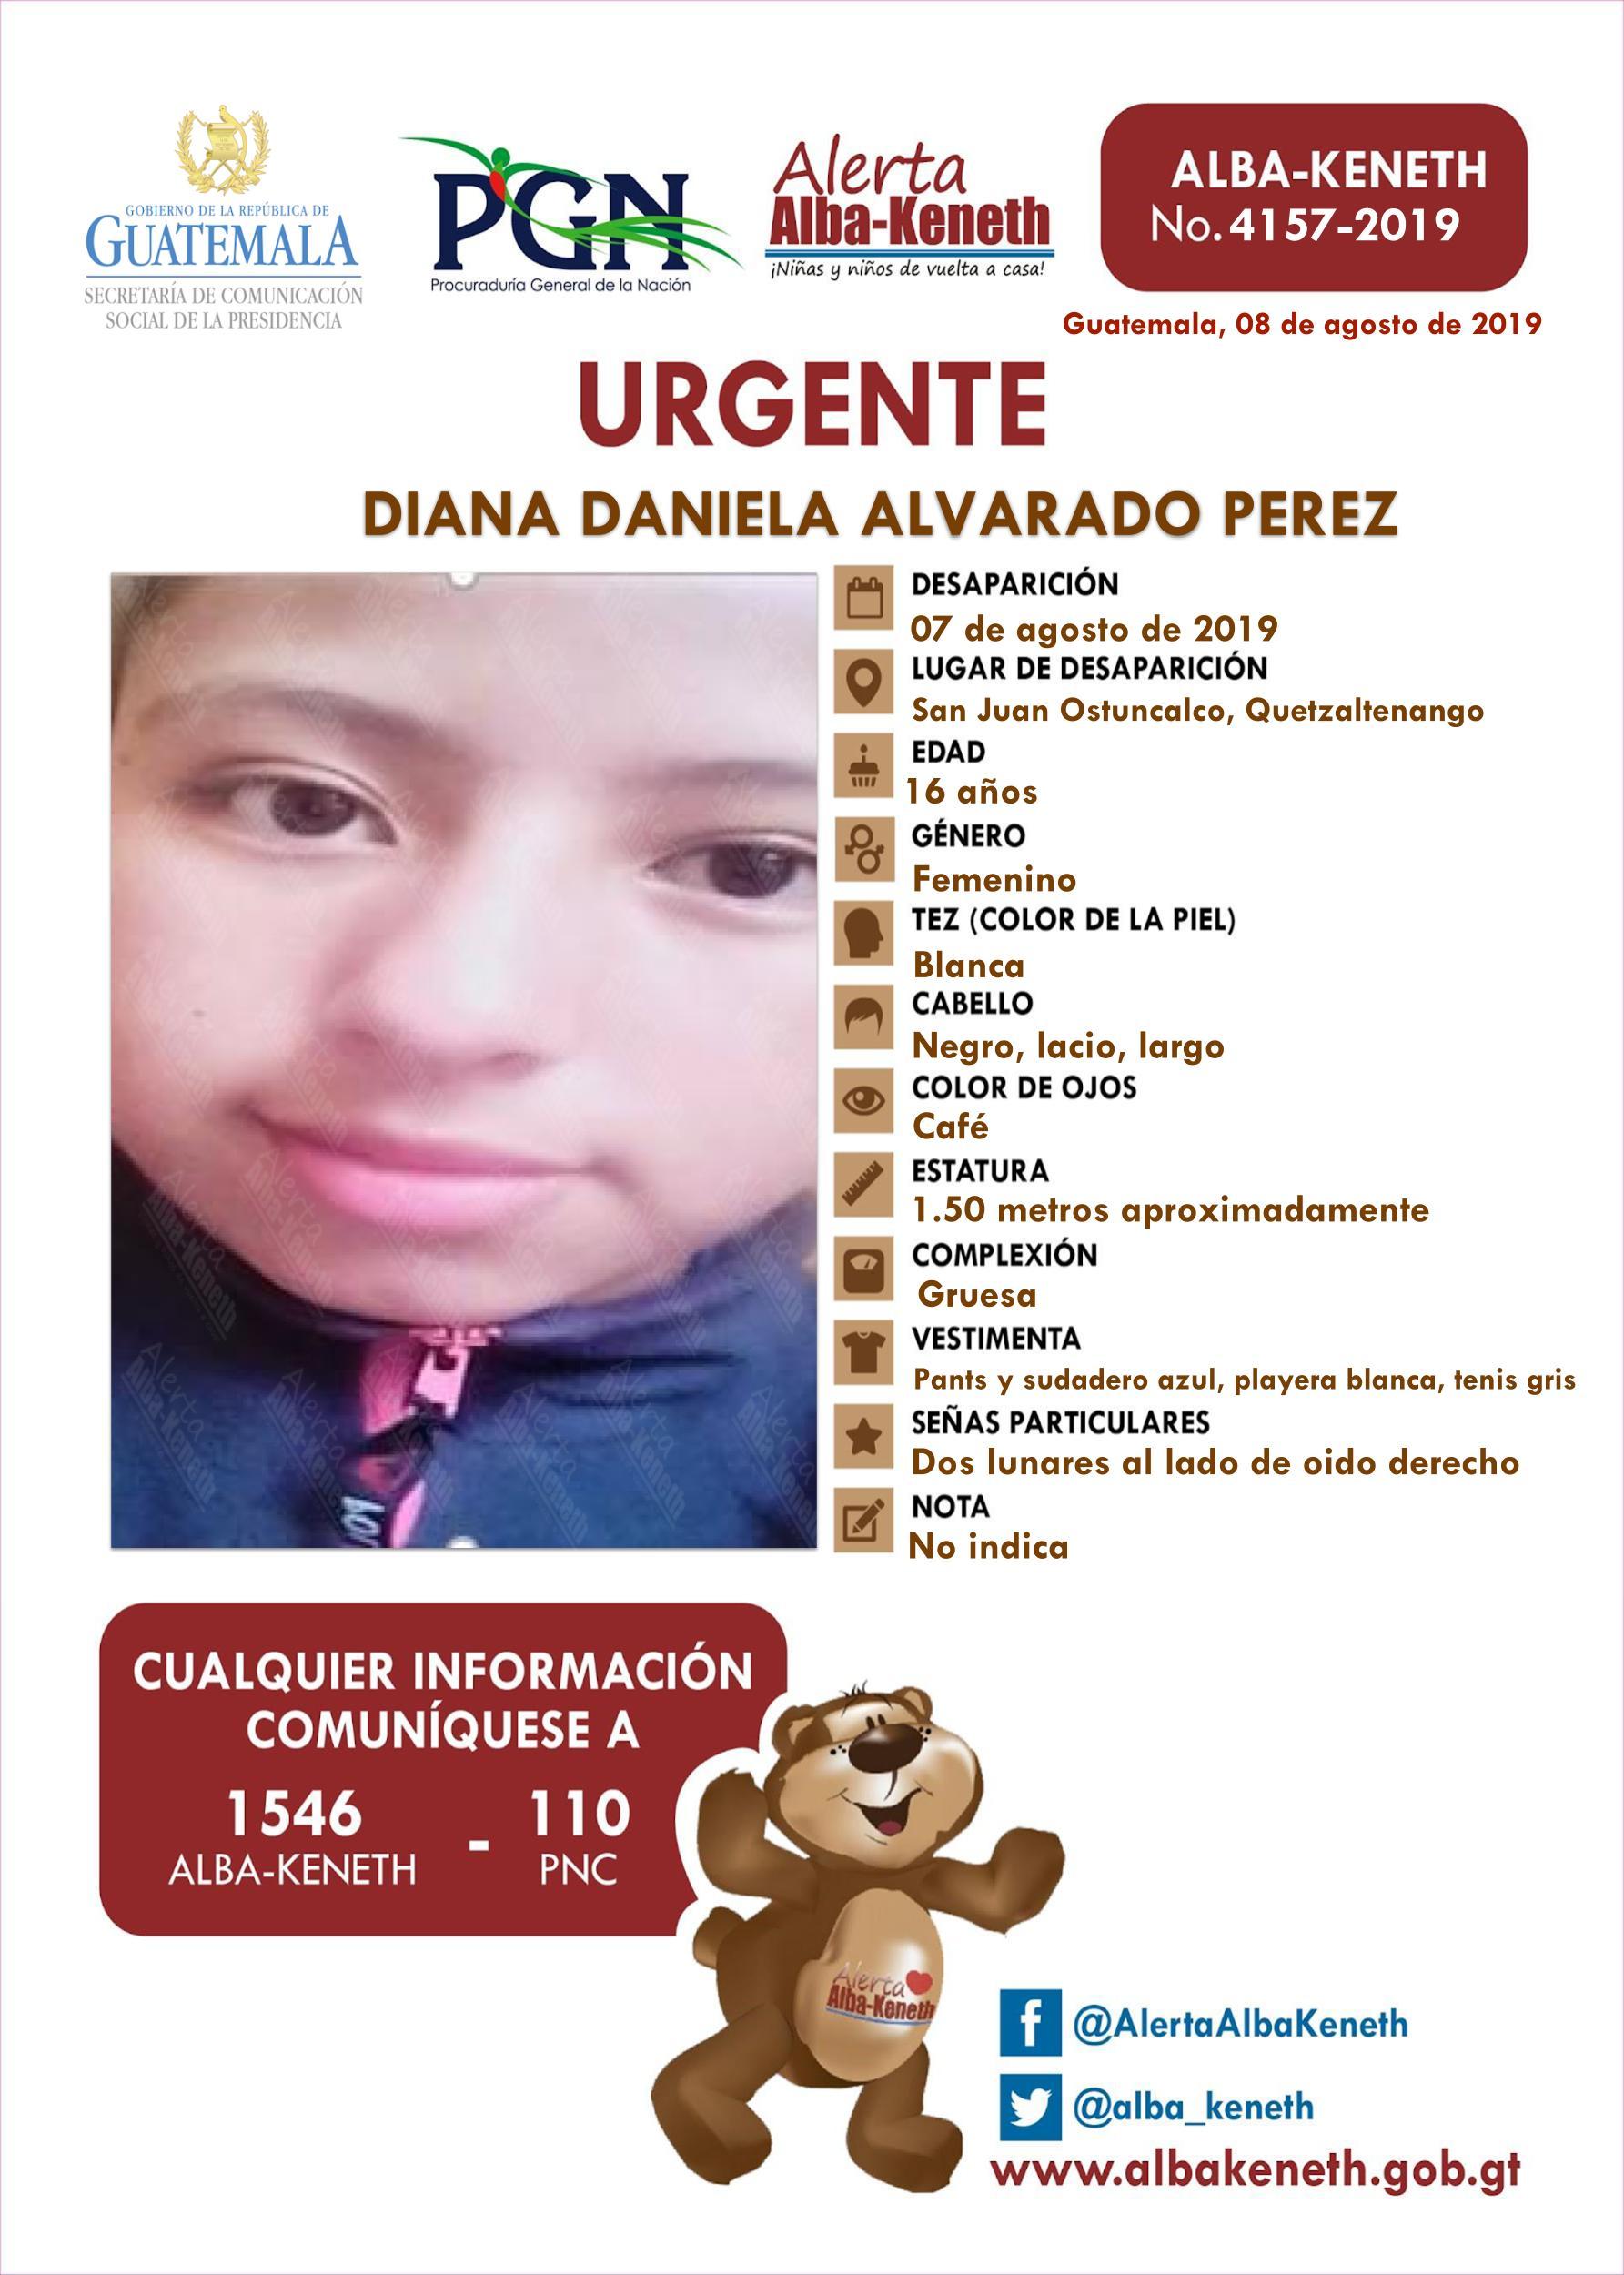 Diana Daniela Alvarado Perez